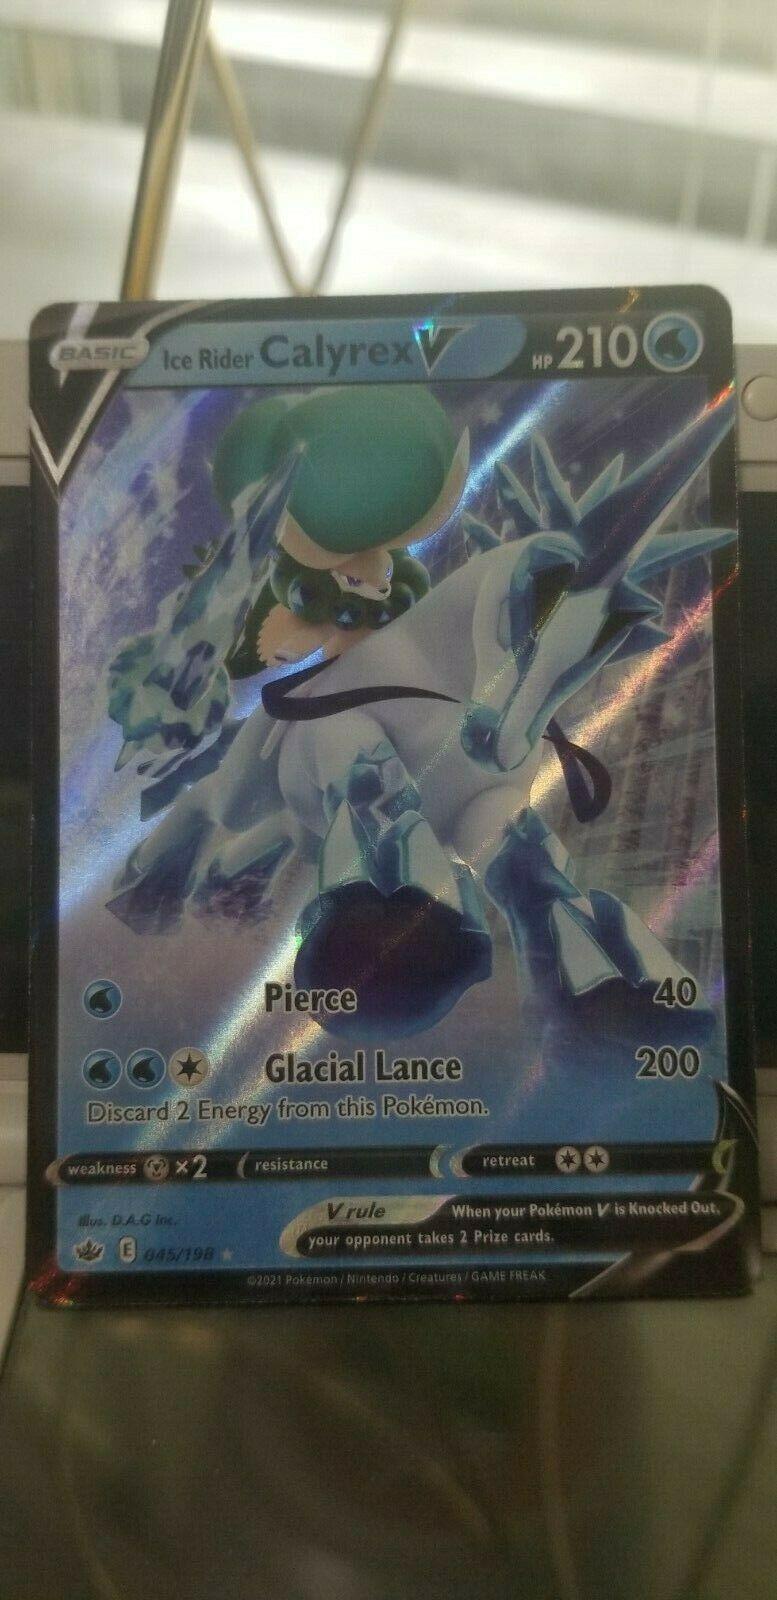 Pokemon Chilling Reign Ice Rider Calyrex V 163/198 Ultra Rare Full Art